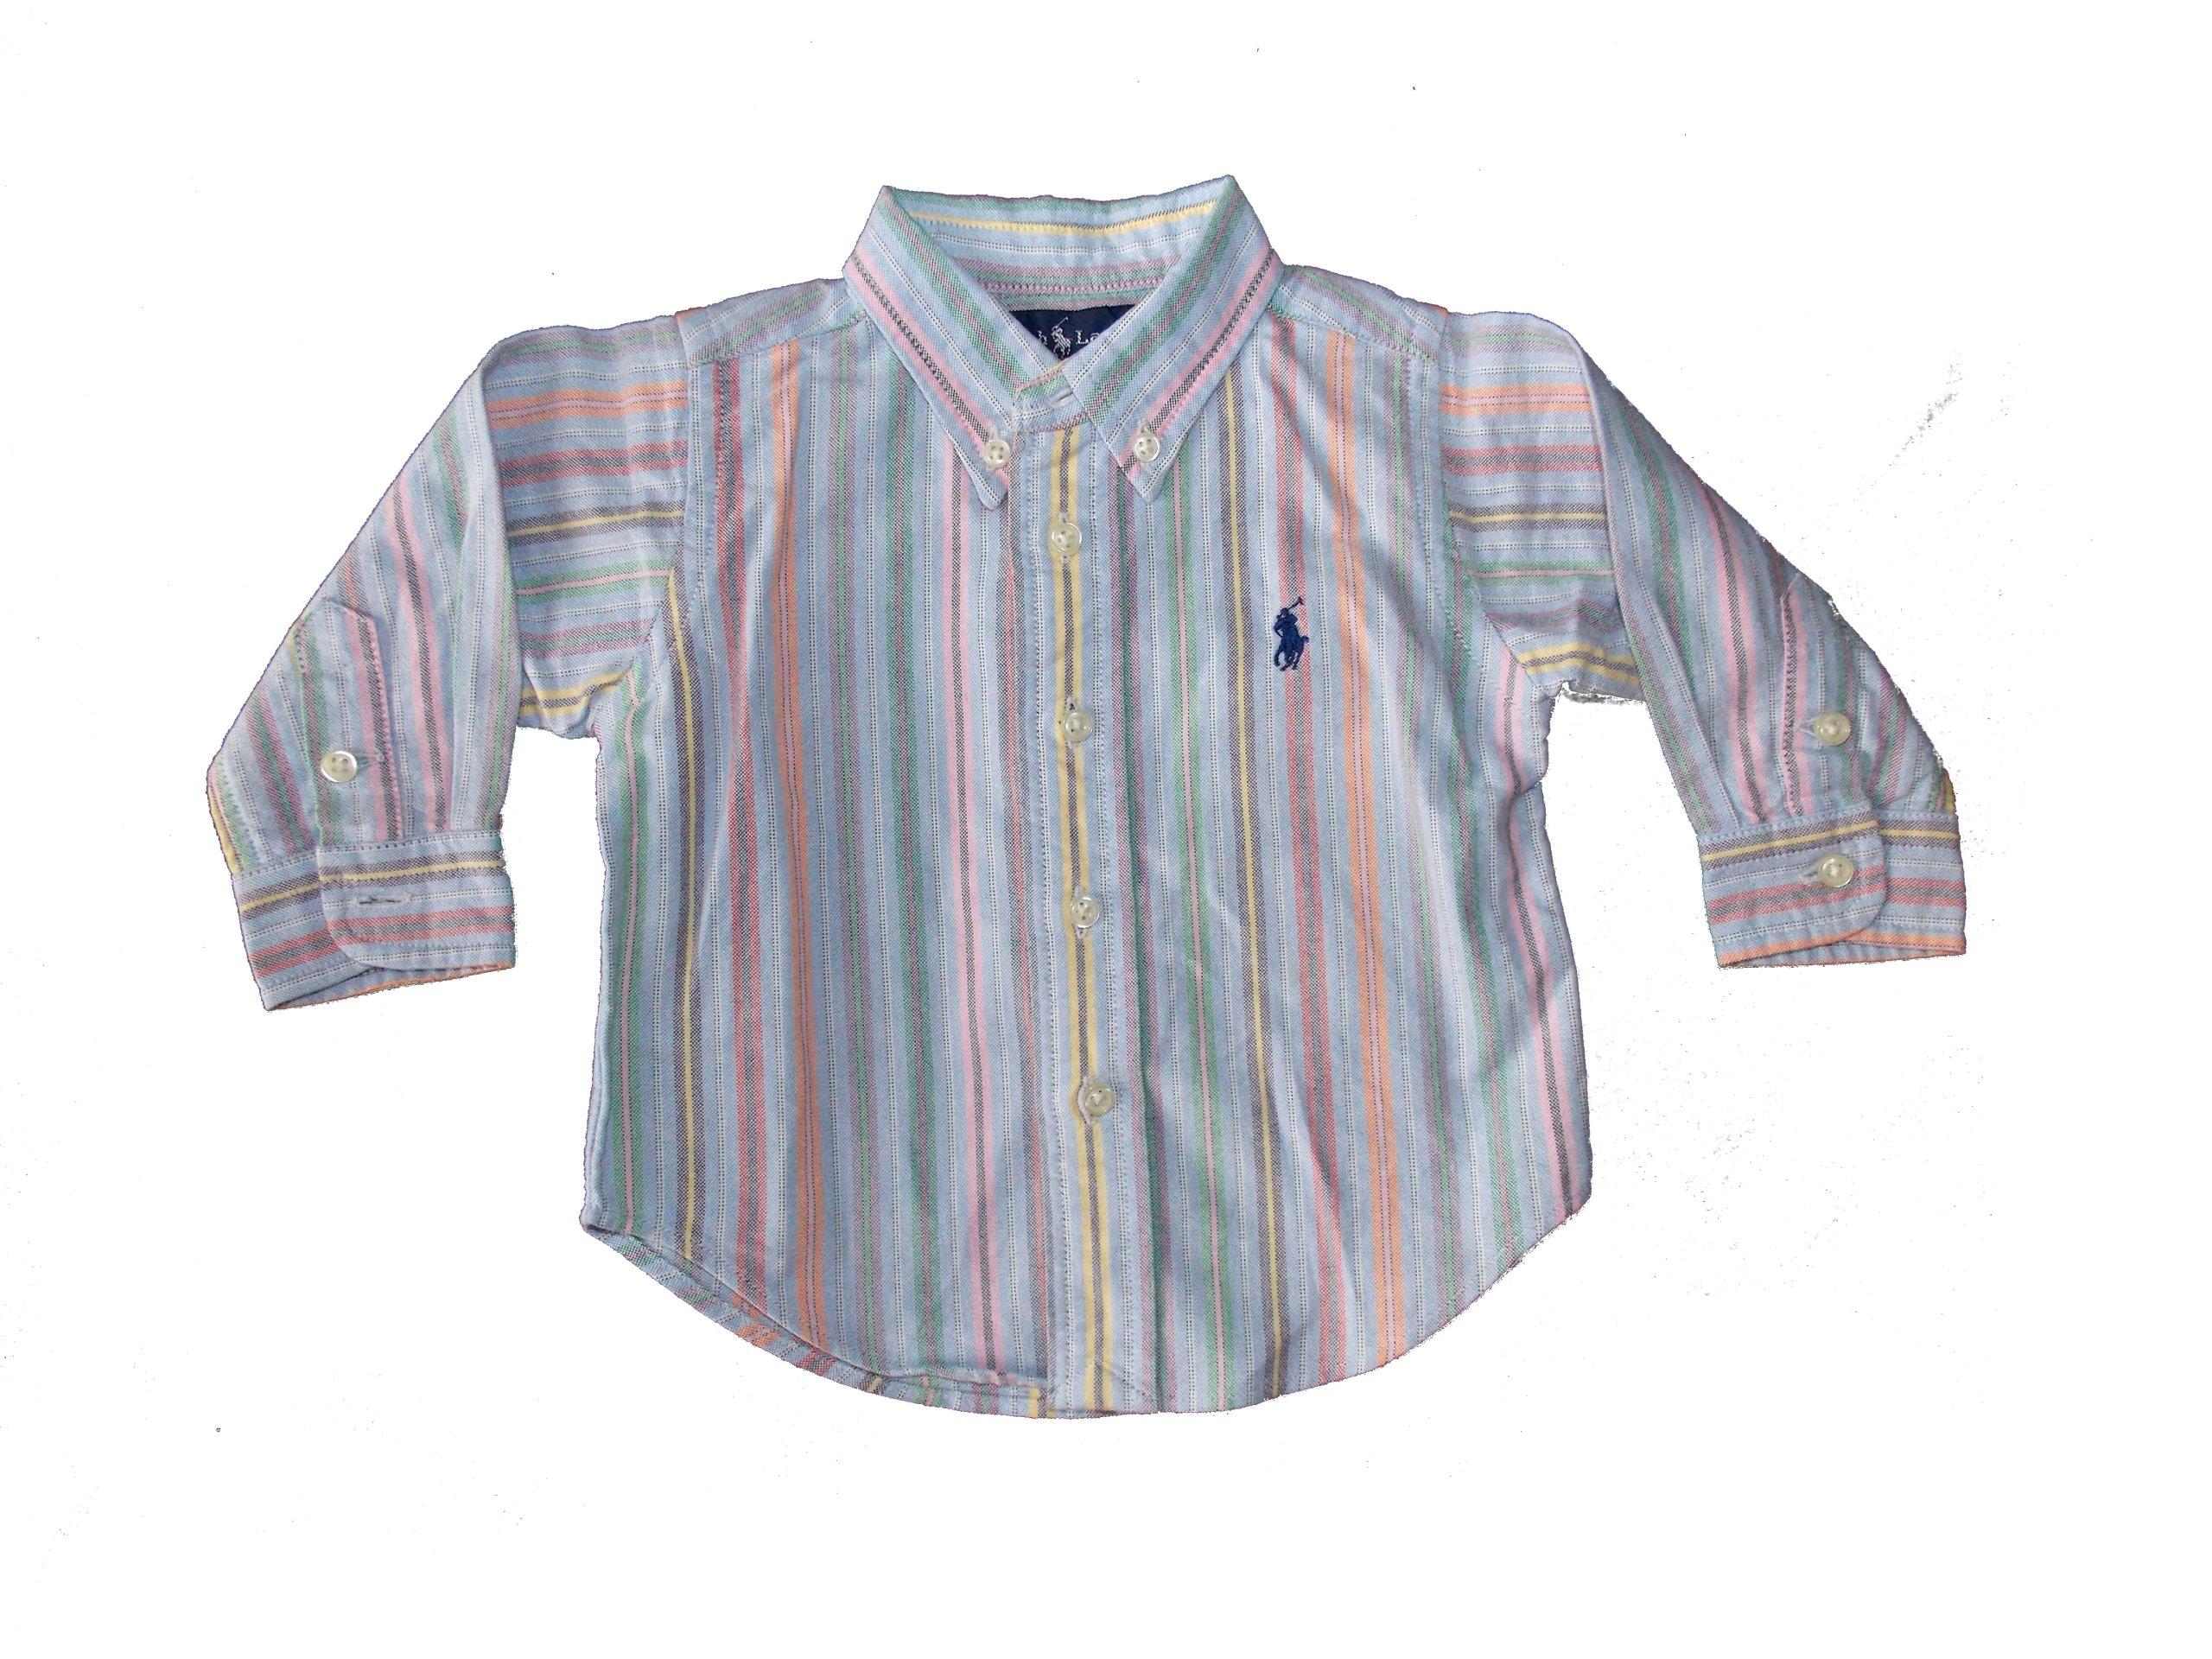 b817f3f0b RALPH LAUREN koszula w paski 74 9 m - 7014425615 - oficjalne ...